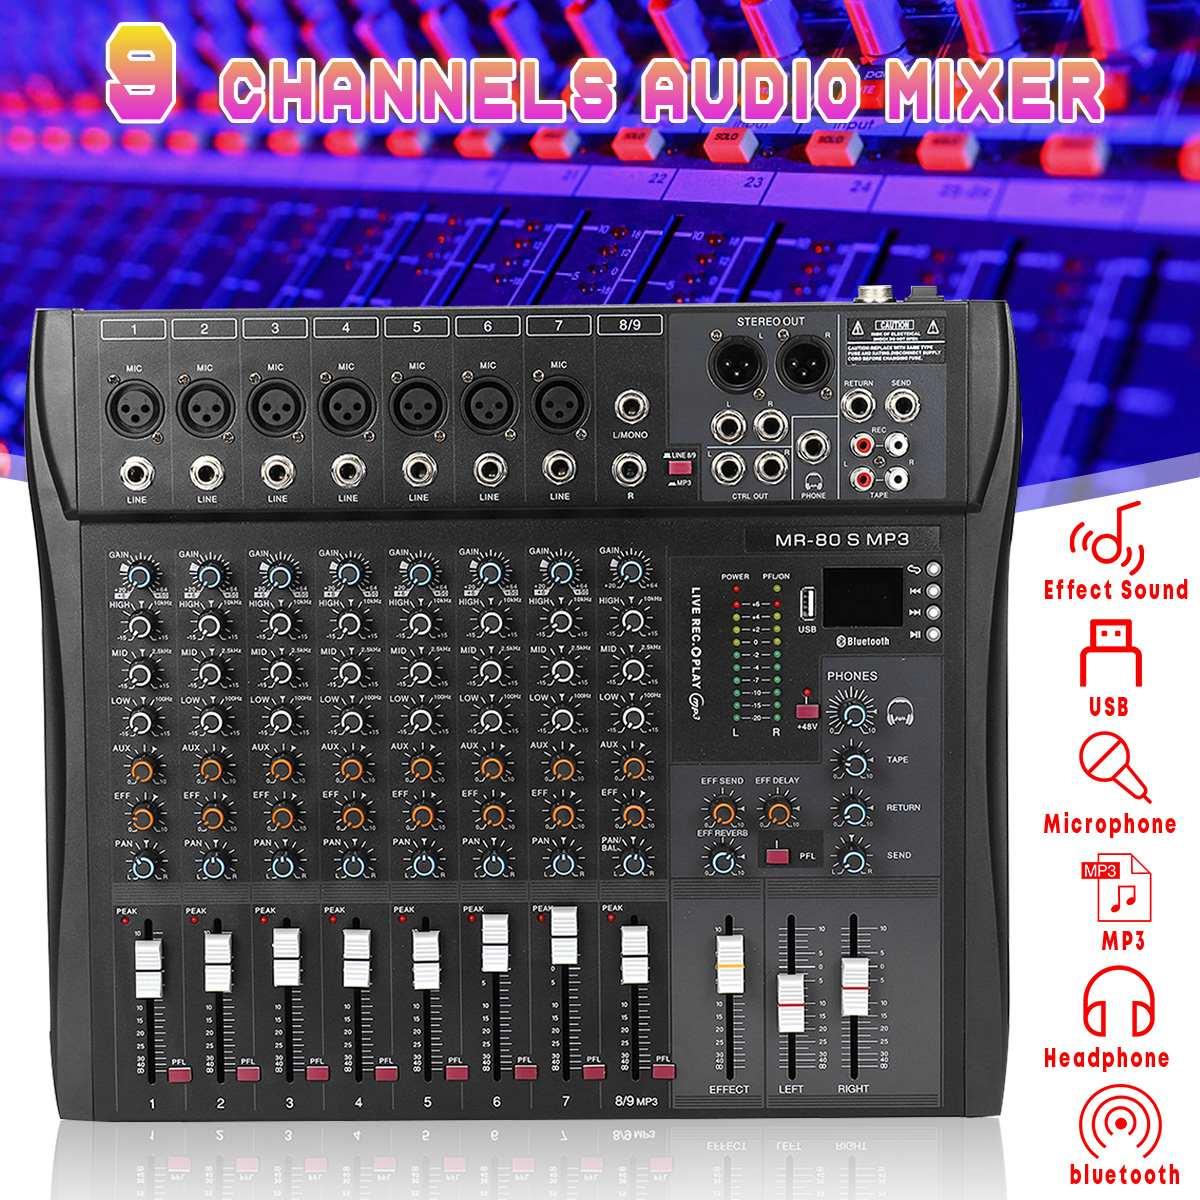 LEORY professionnel 9 canaux Console Studio Audio mélangeur USB bluetooth DJ son mélange pour famille KTV Campus discours réunion